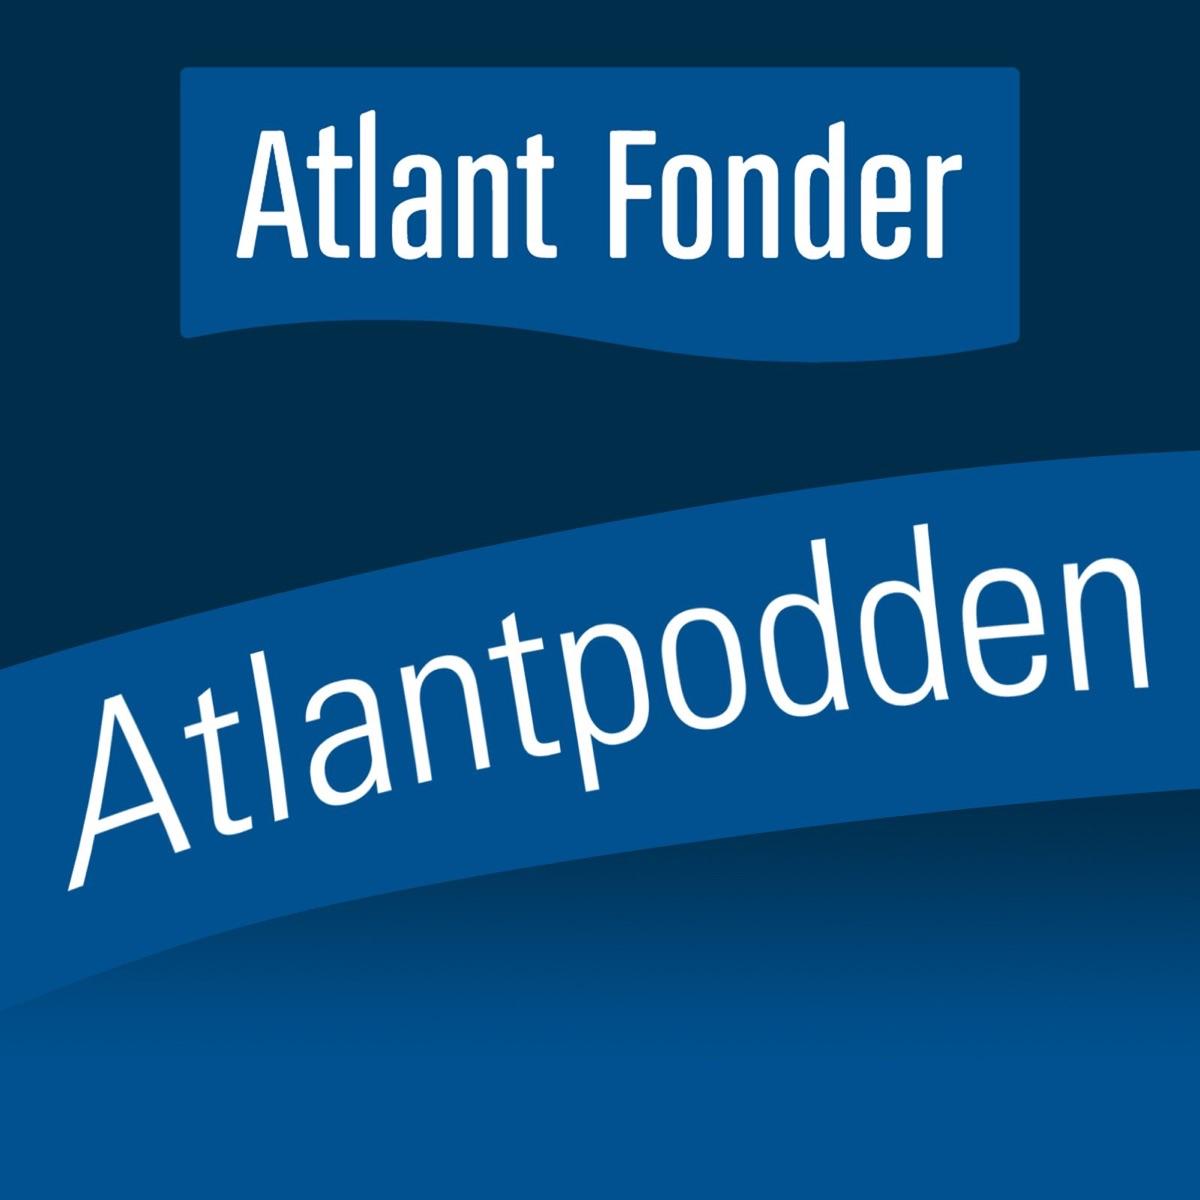 Atlant Podden